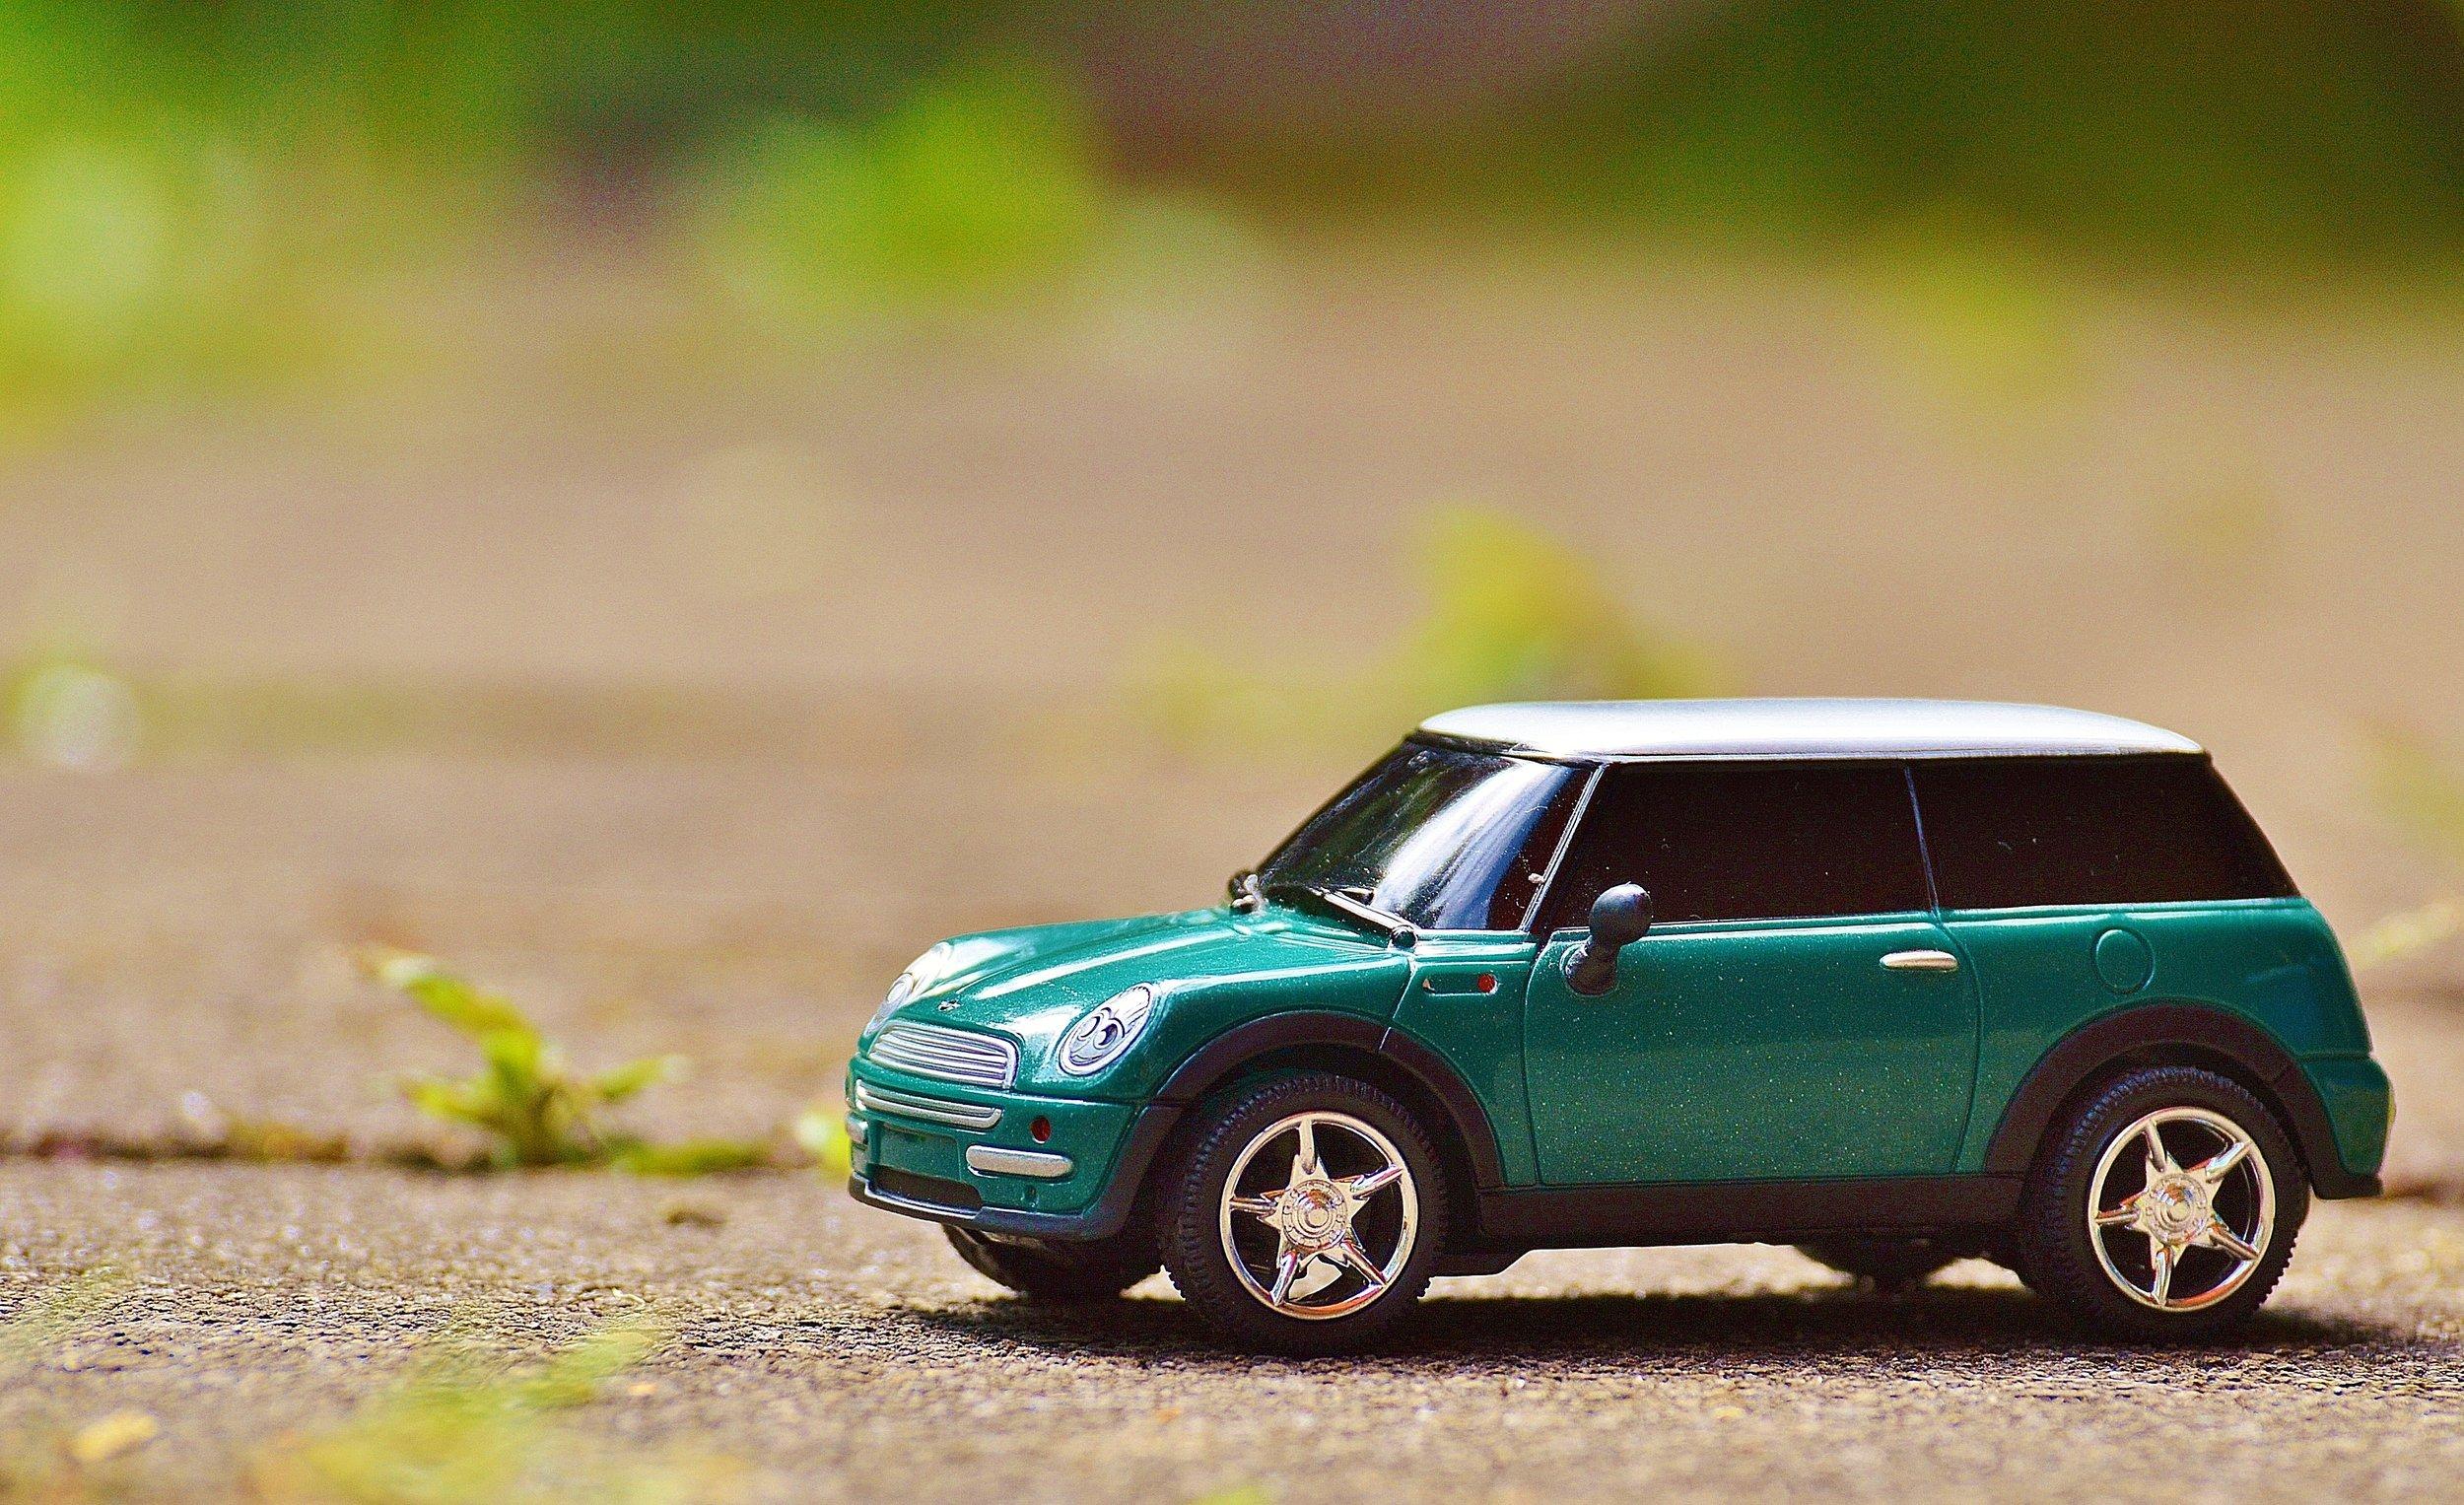 car-macro-mini-cooper-35967.jpg